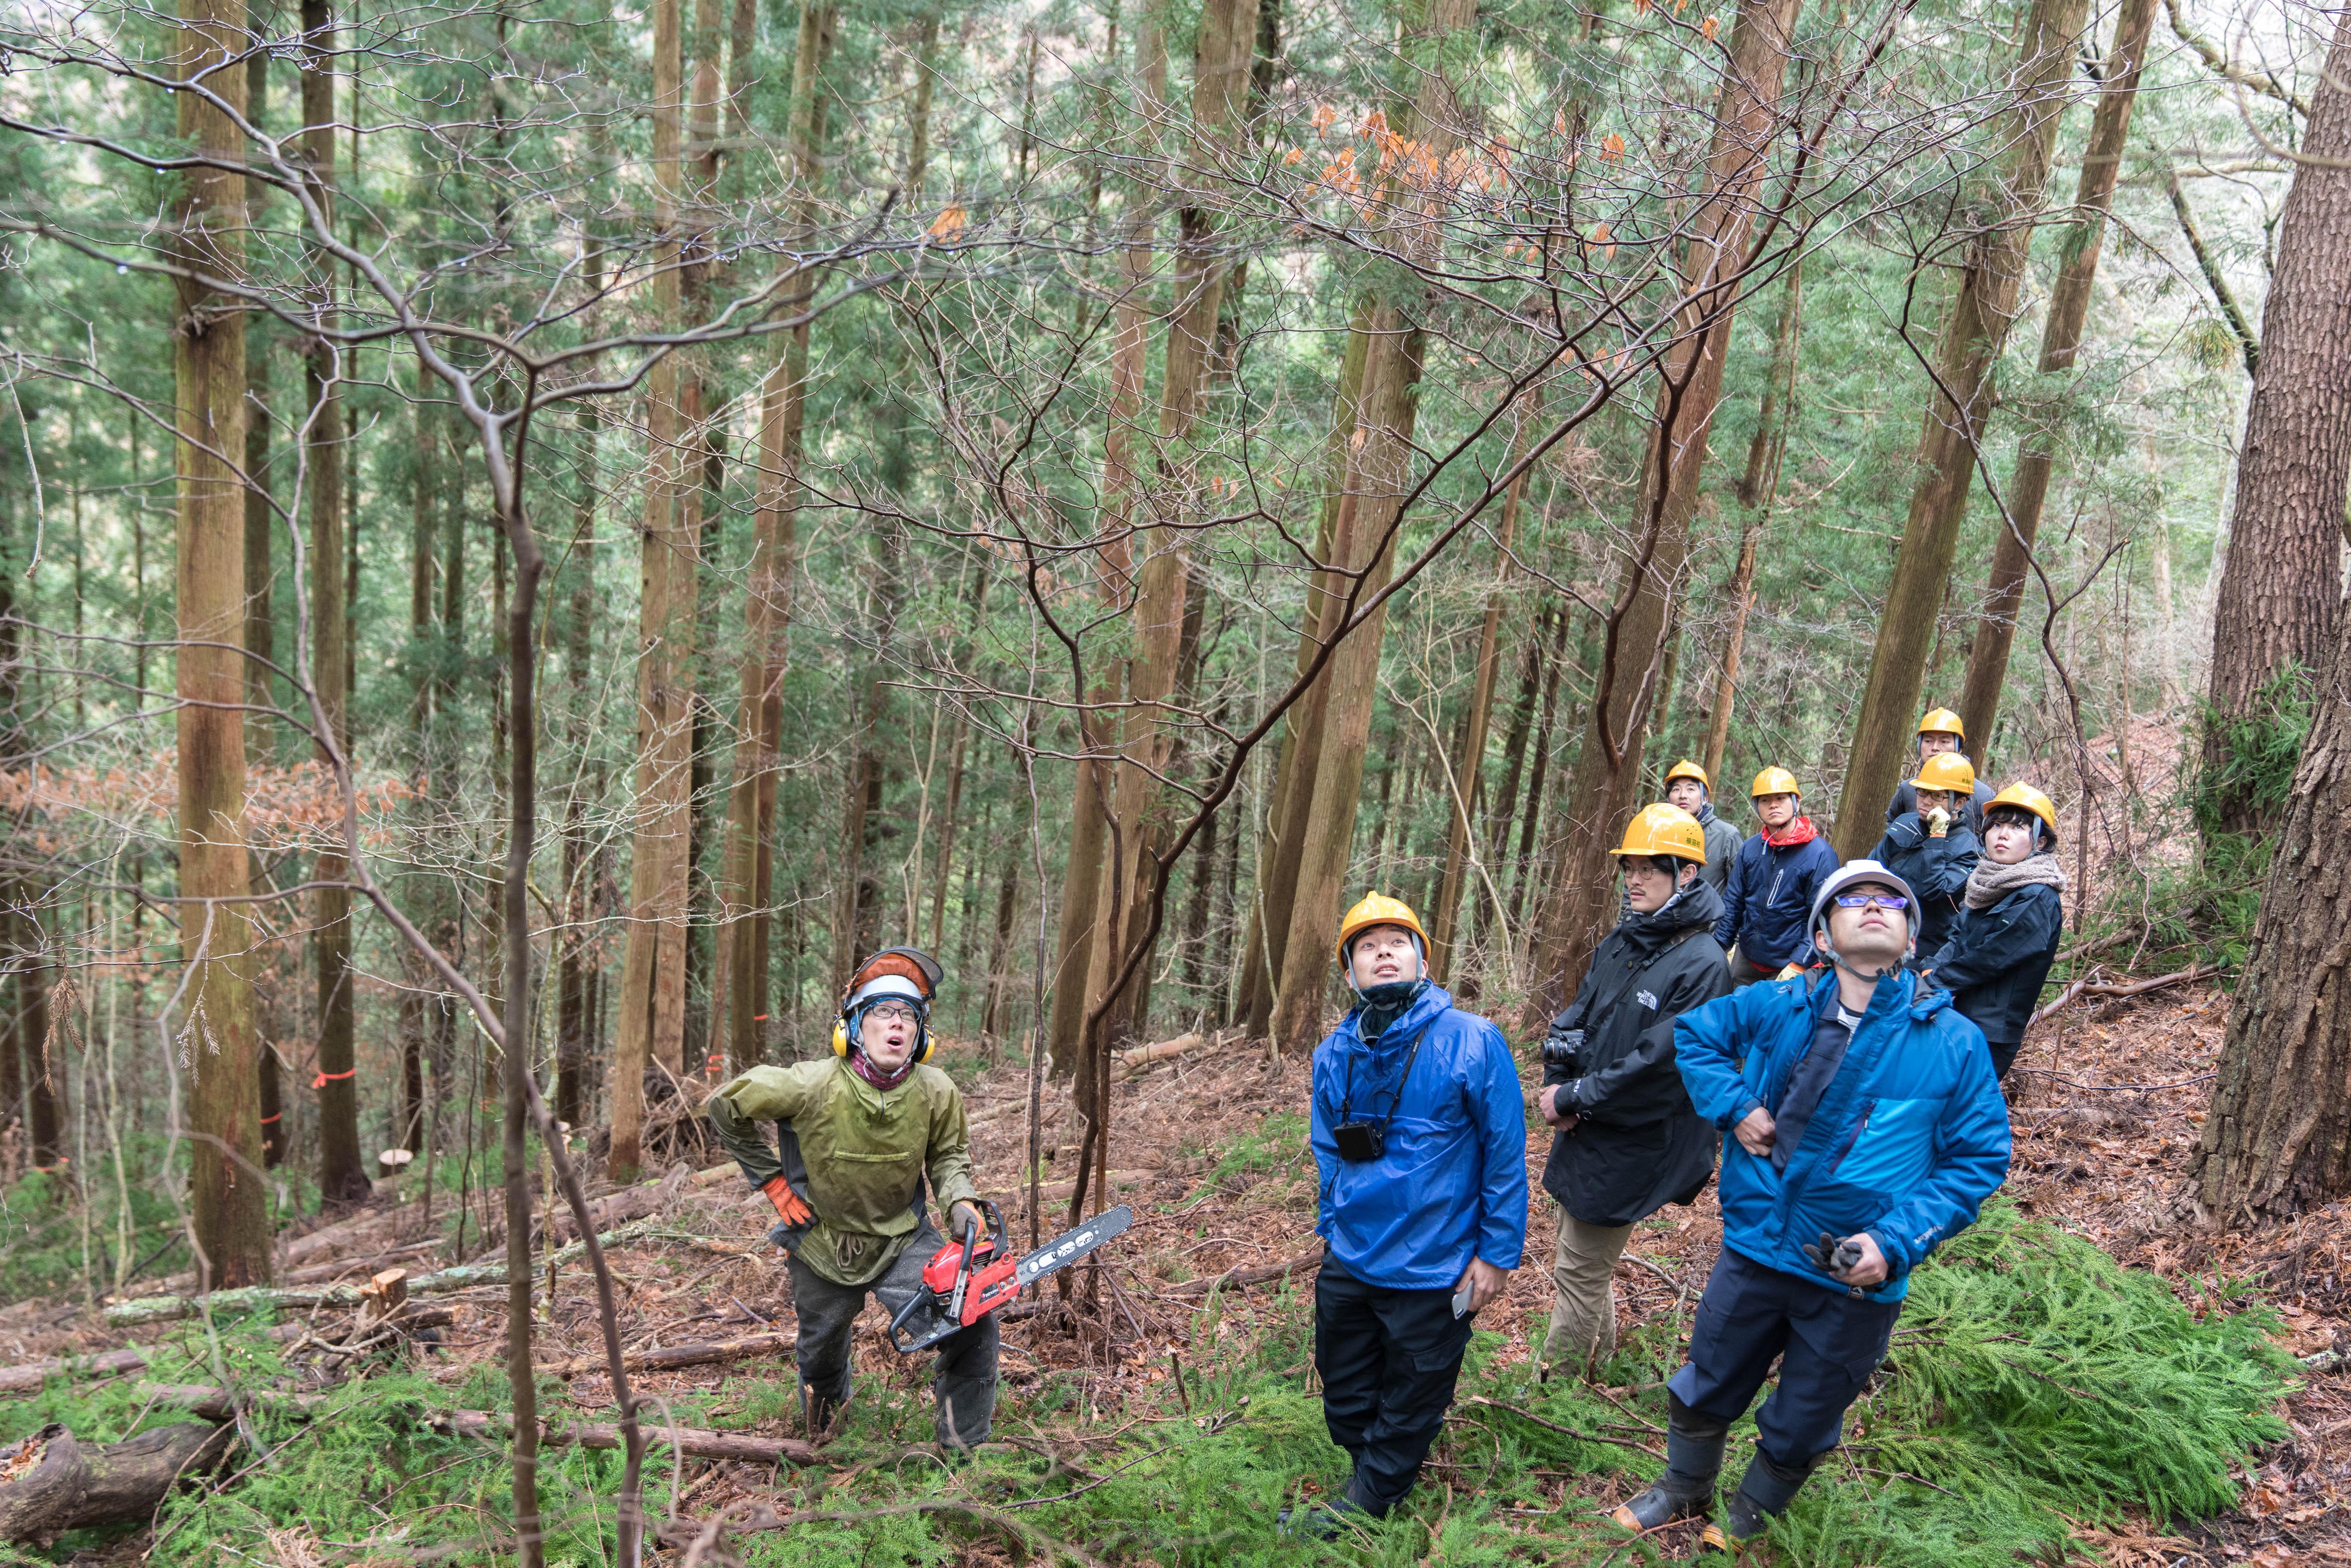 林業、それは嘘のない生き方。長野県・根羽村の林業にみる、日本の中山間地域の進むべき未来像